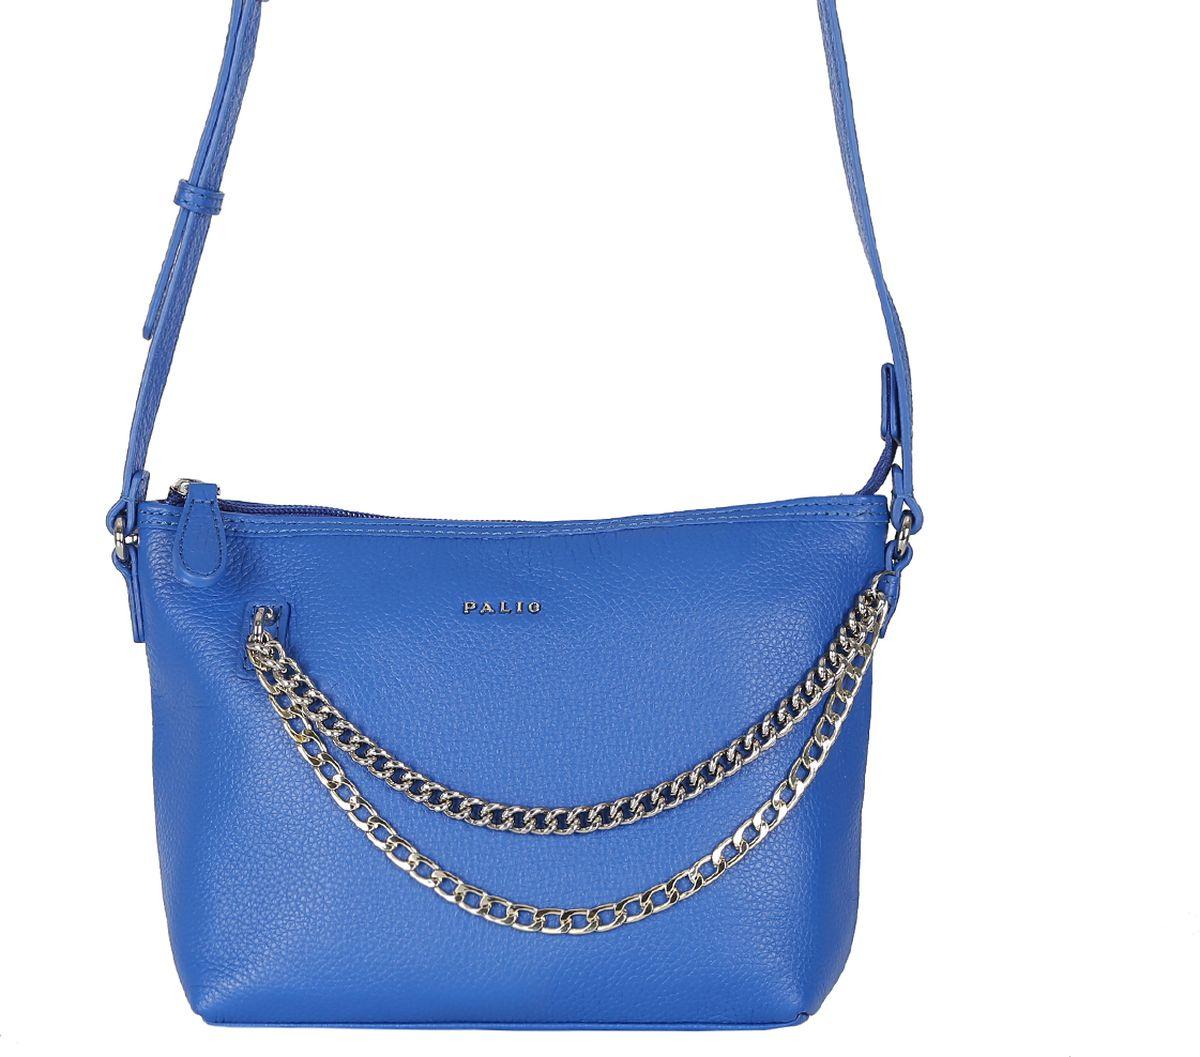 02fa27f27607 Сумка женская Palio, цвет: синий. 14381A-885 — купить в интернет-магазине  OZON.ru с быстрой доставкой